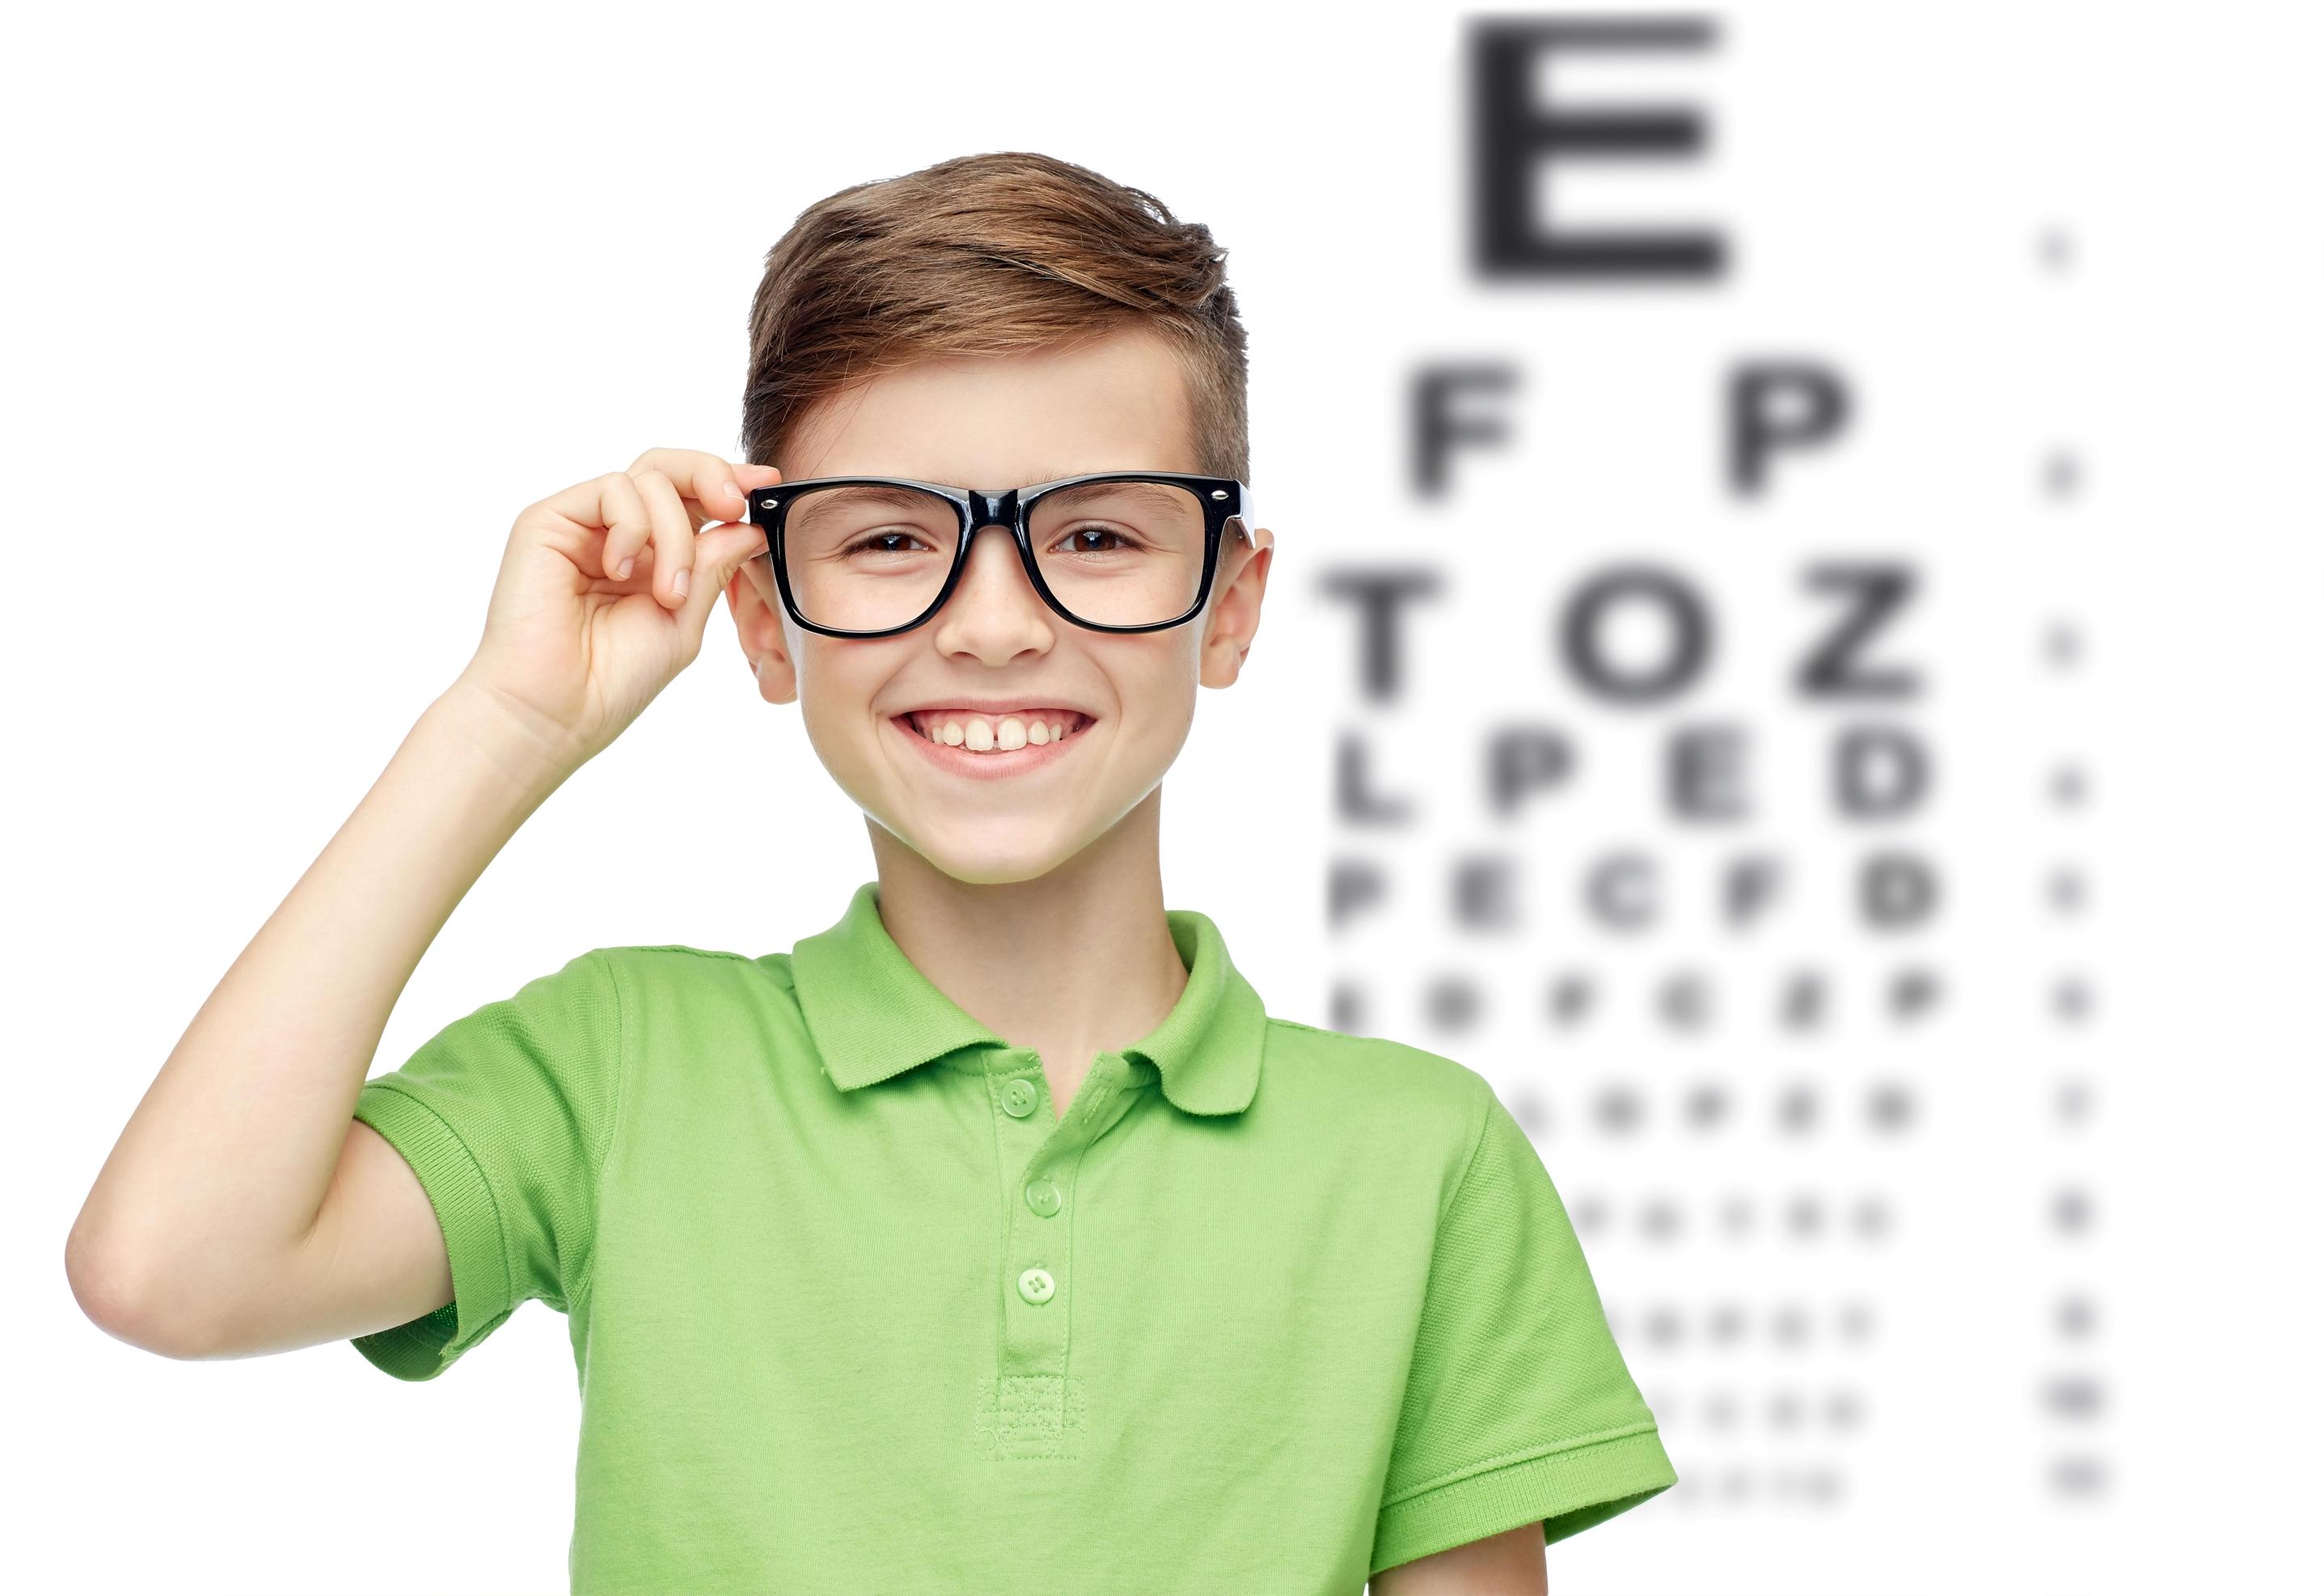 hogyan fejeződik ki a látásélesség